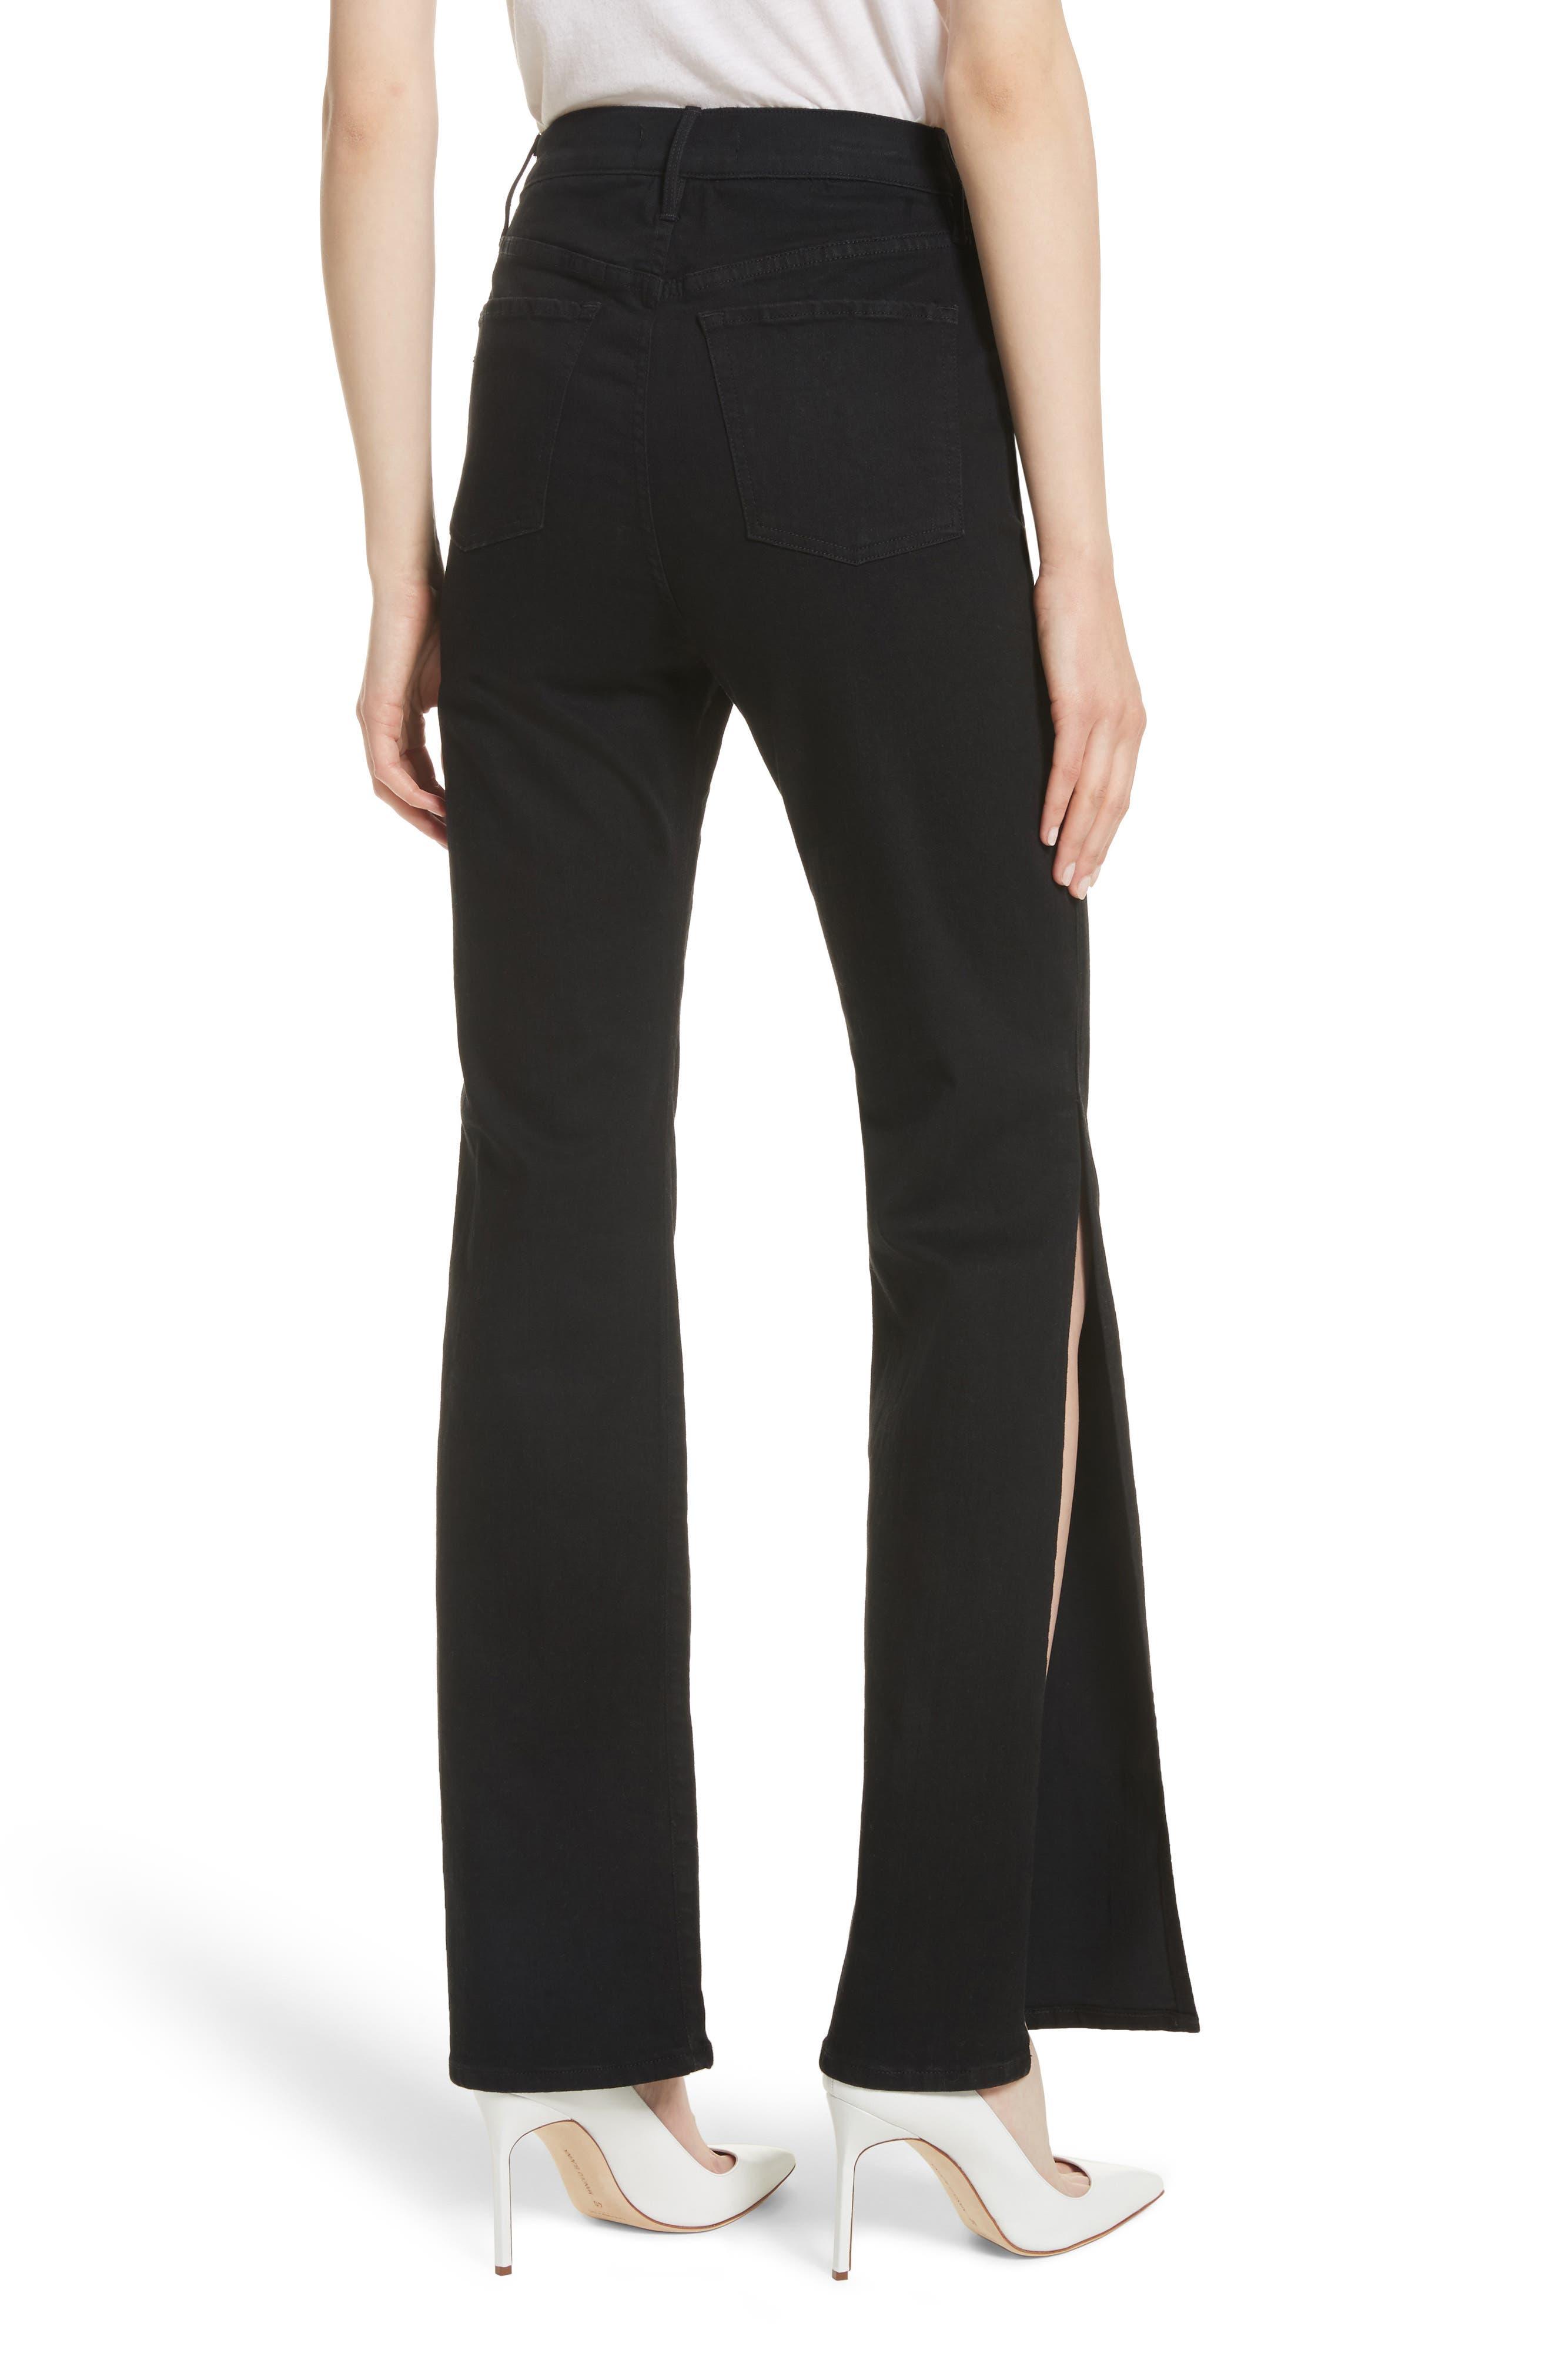 W4 Adeline High Waist Split Flare Jeans,                             Alternate thumbnail 2, color,                             001